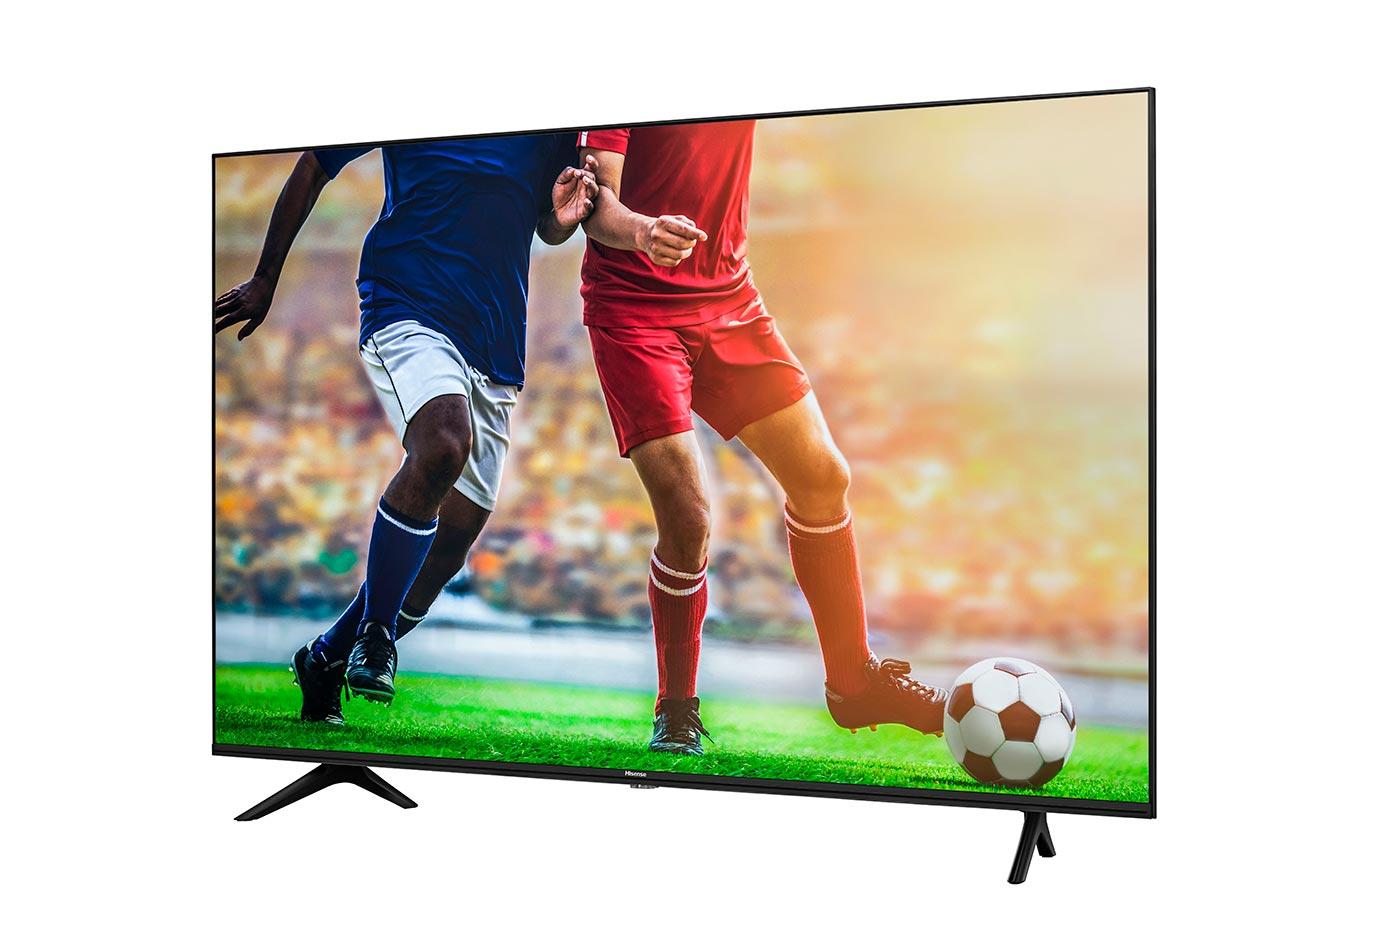 UHD TV UHD TV 55A7100F 55″